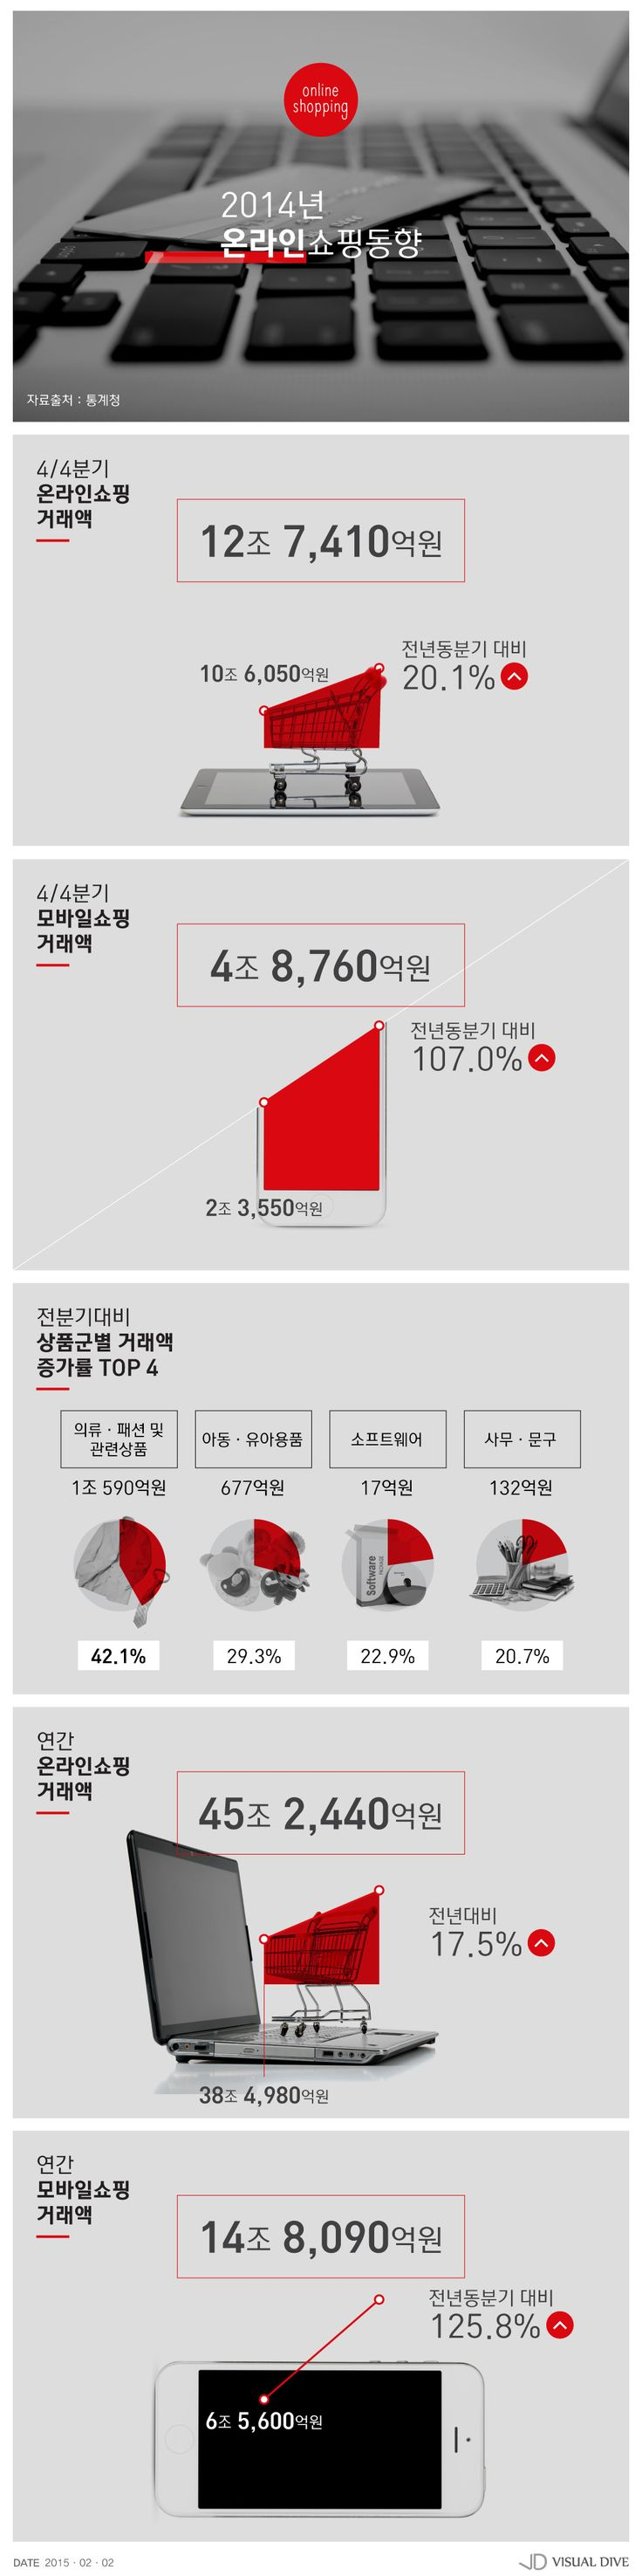 작년 모바일쇼핑 거래액 14조 8천억…전년대비 125.8% 증가 [인포그래픽] #Mobile Shopping / #Infographic ⓒ 비주얼다이브 무단 복사·전재·재배포 금지